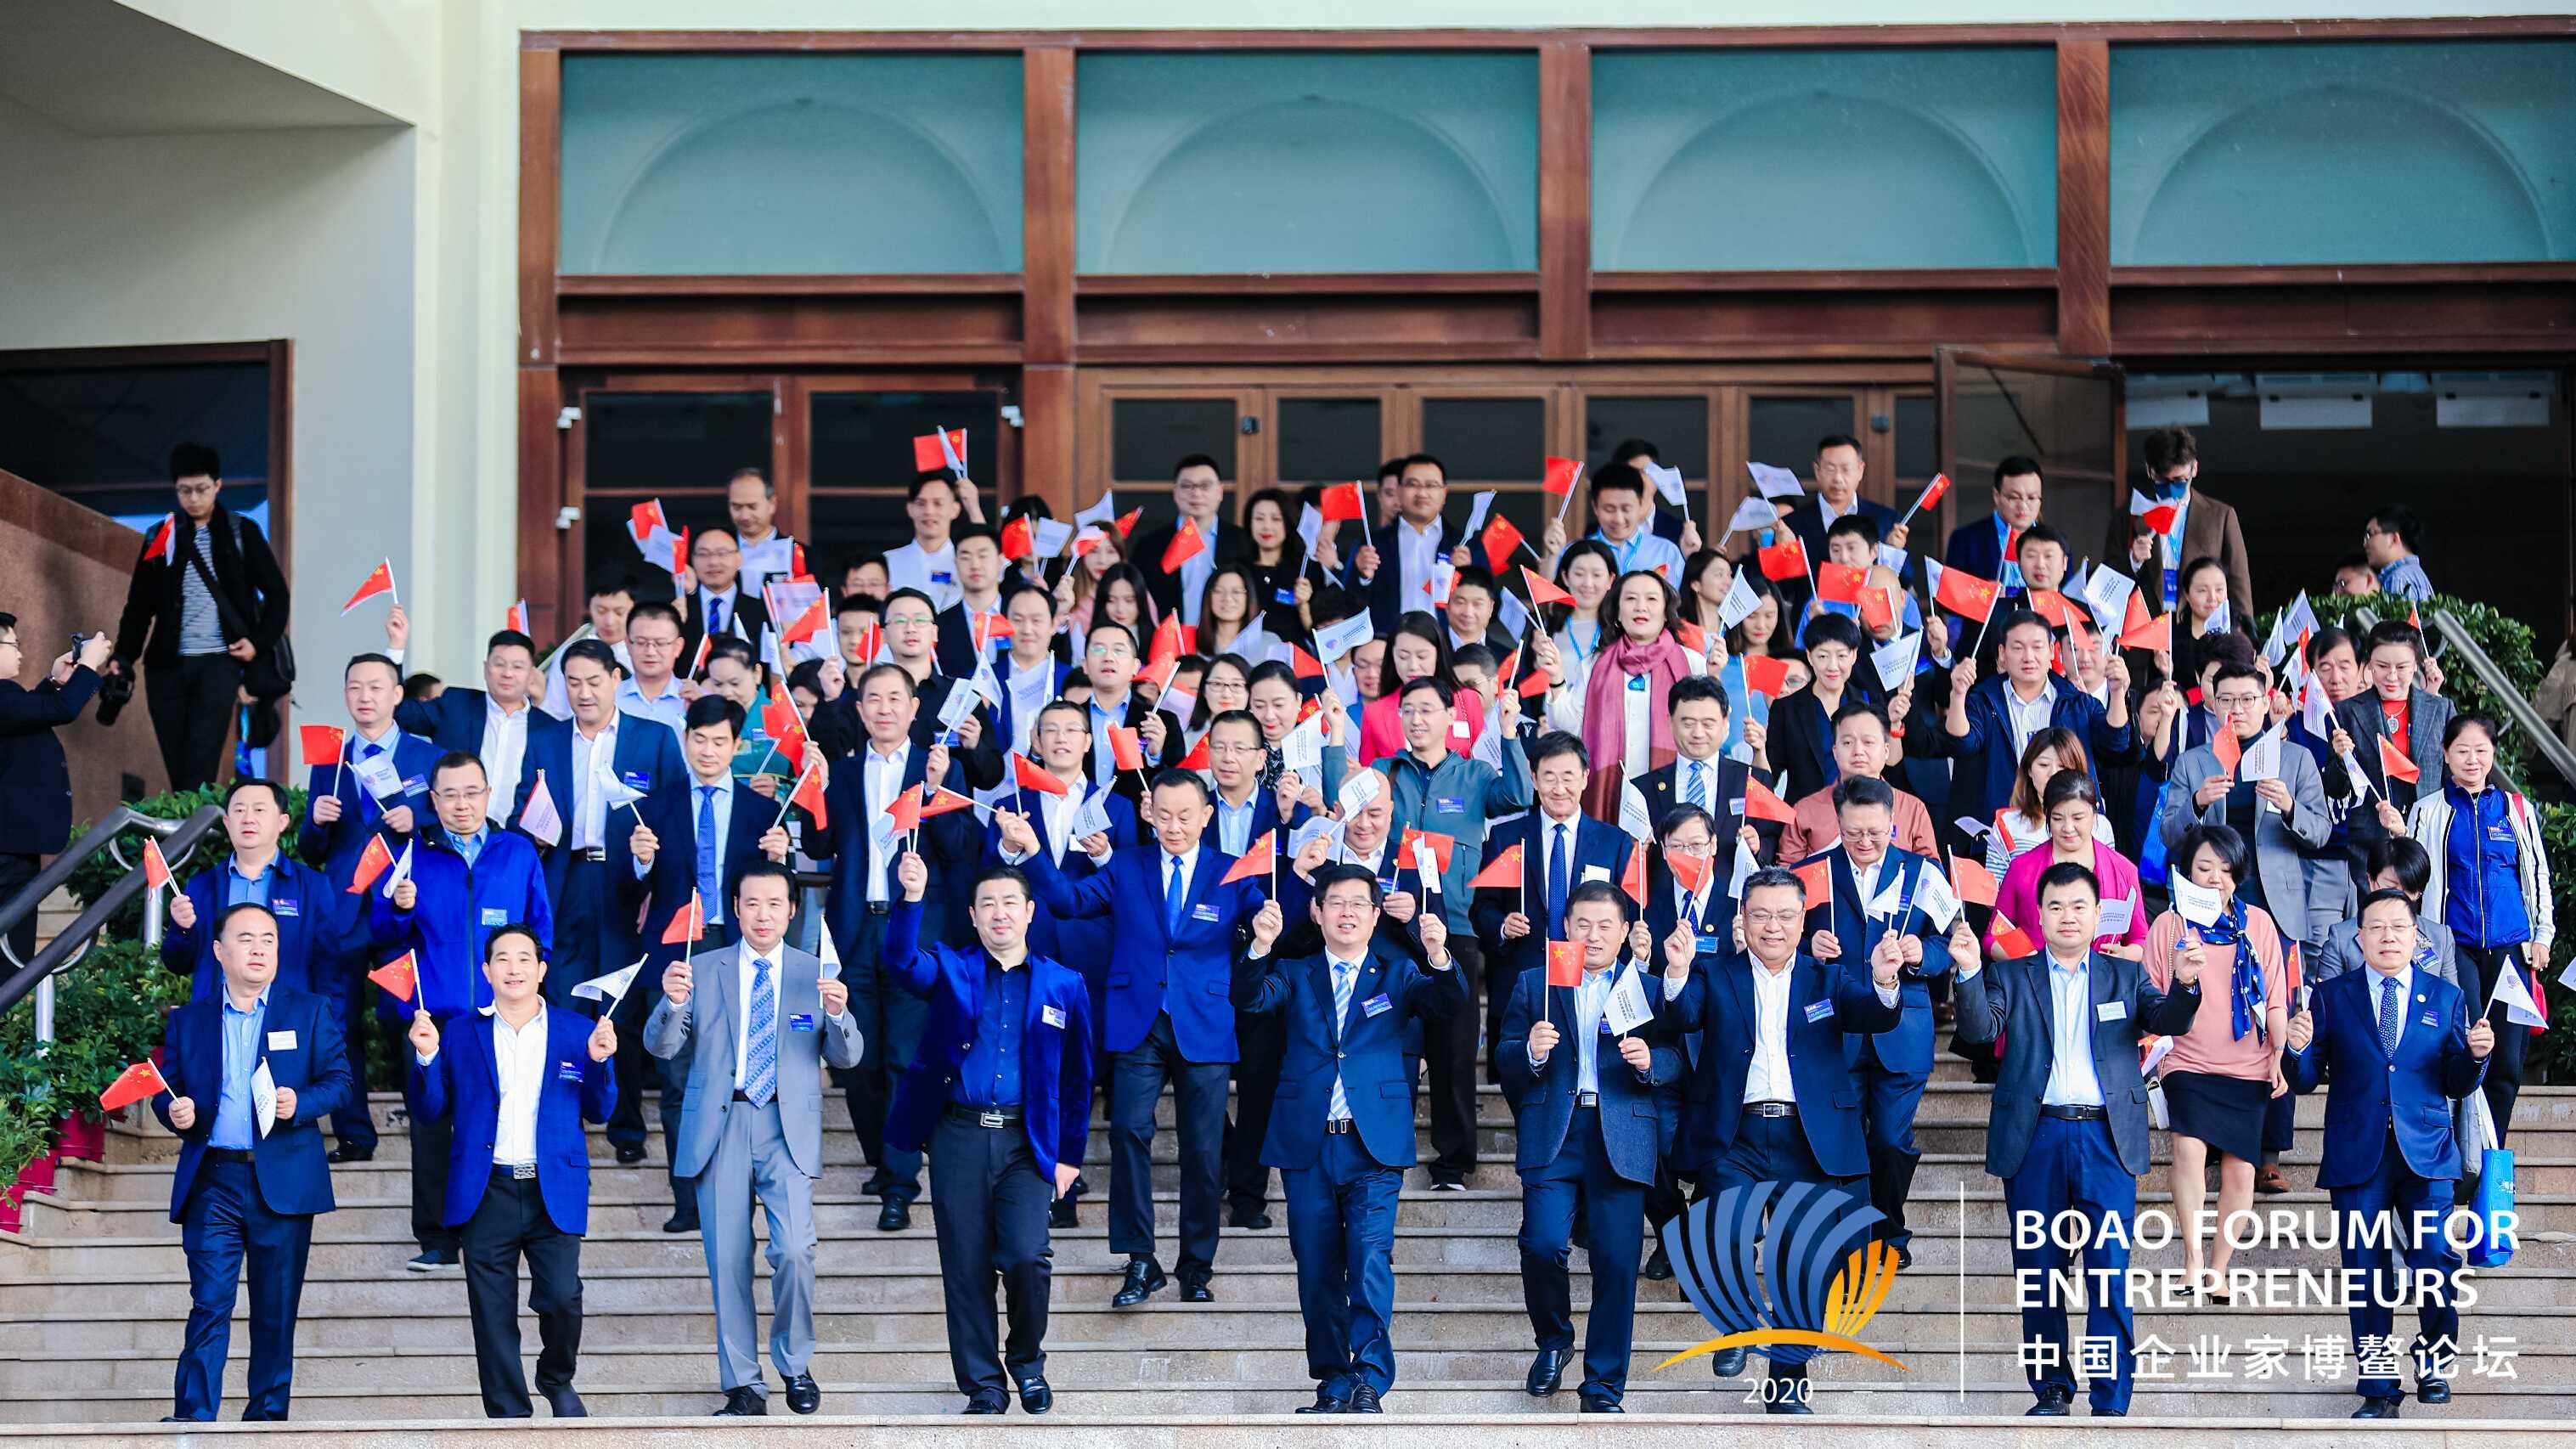 2020中国企业家博鳌论坛《我的祖国》音乐纪录片摄制现场